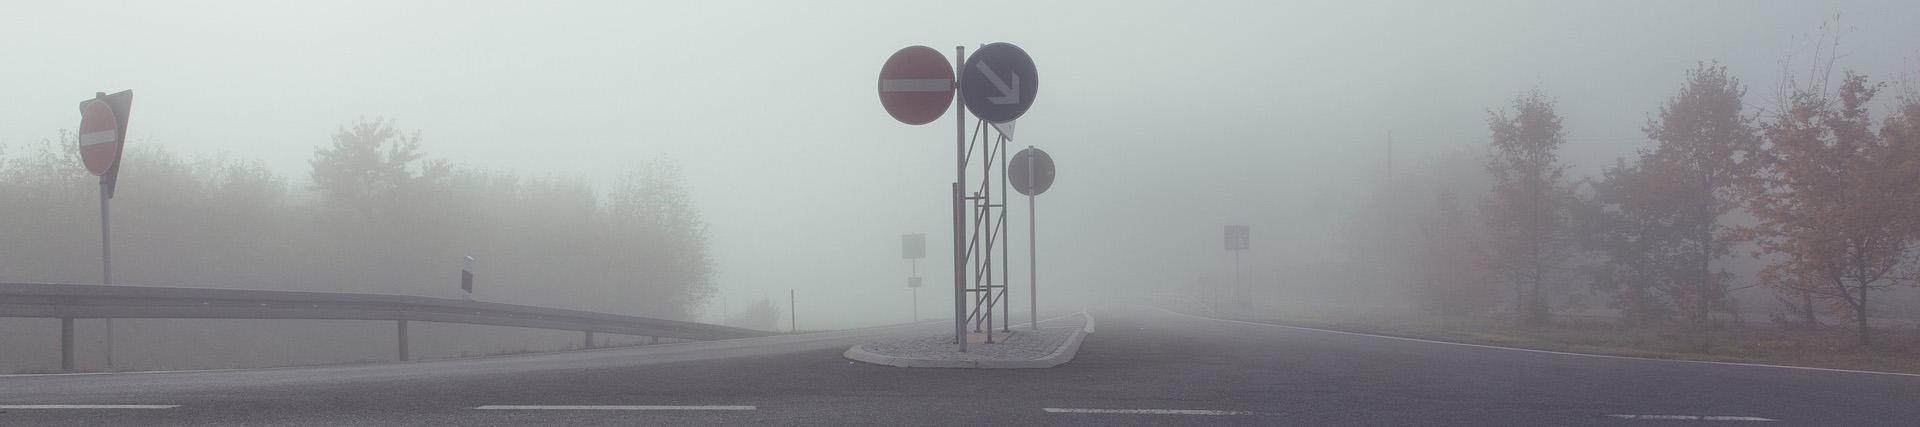 Punaisia päin rekan etupuskuriin – kuinka välttää tietoturvakolarit?